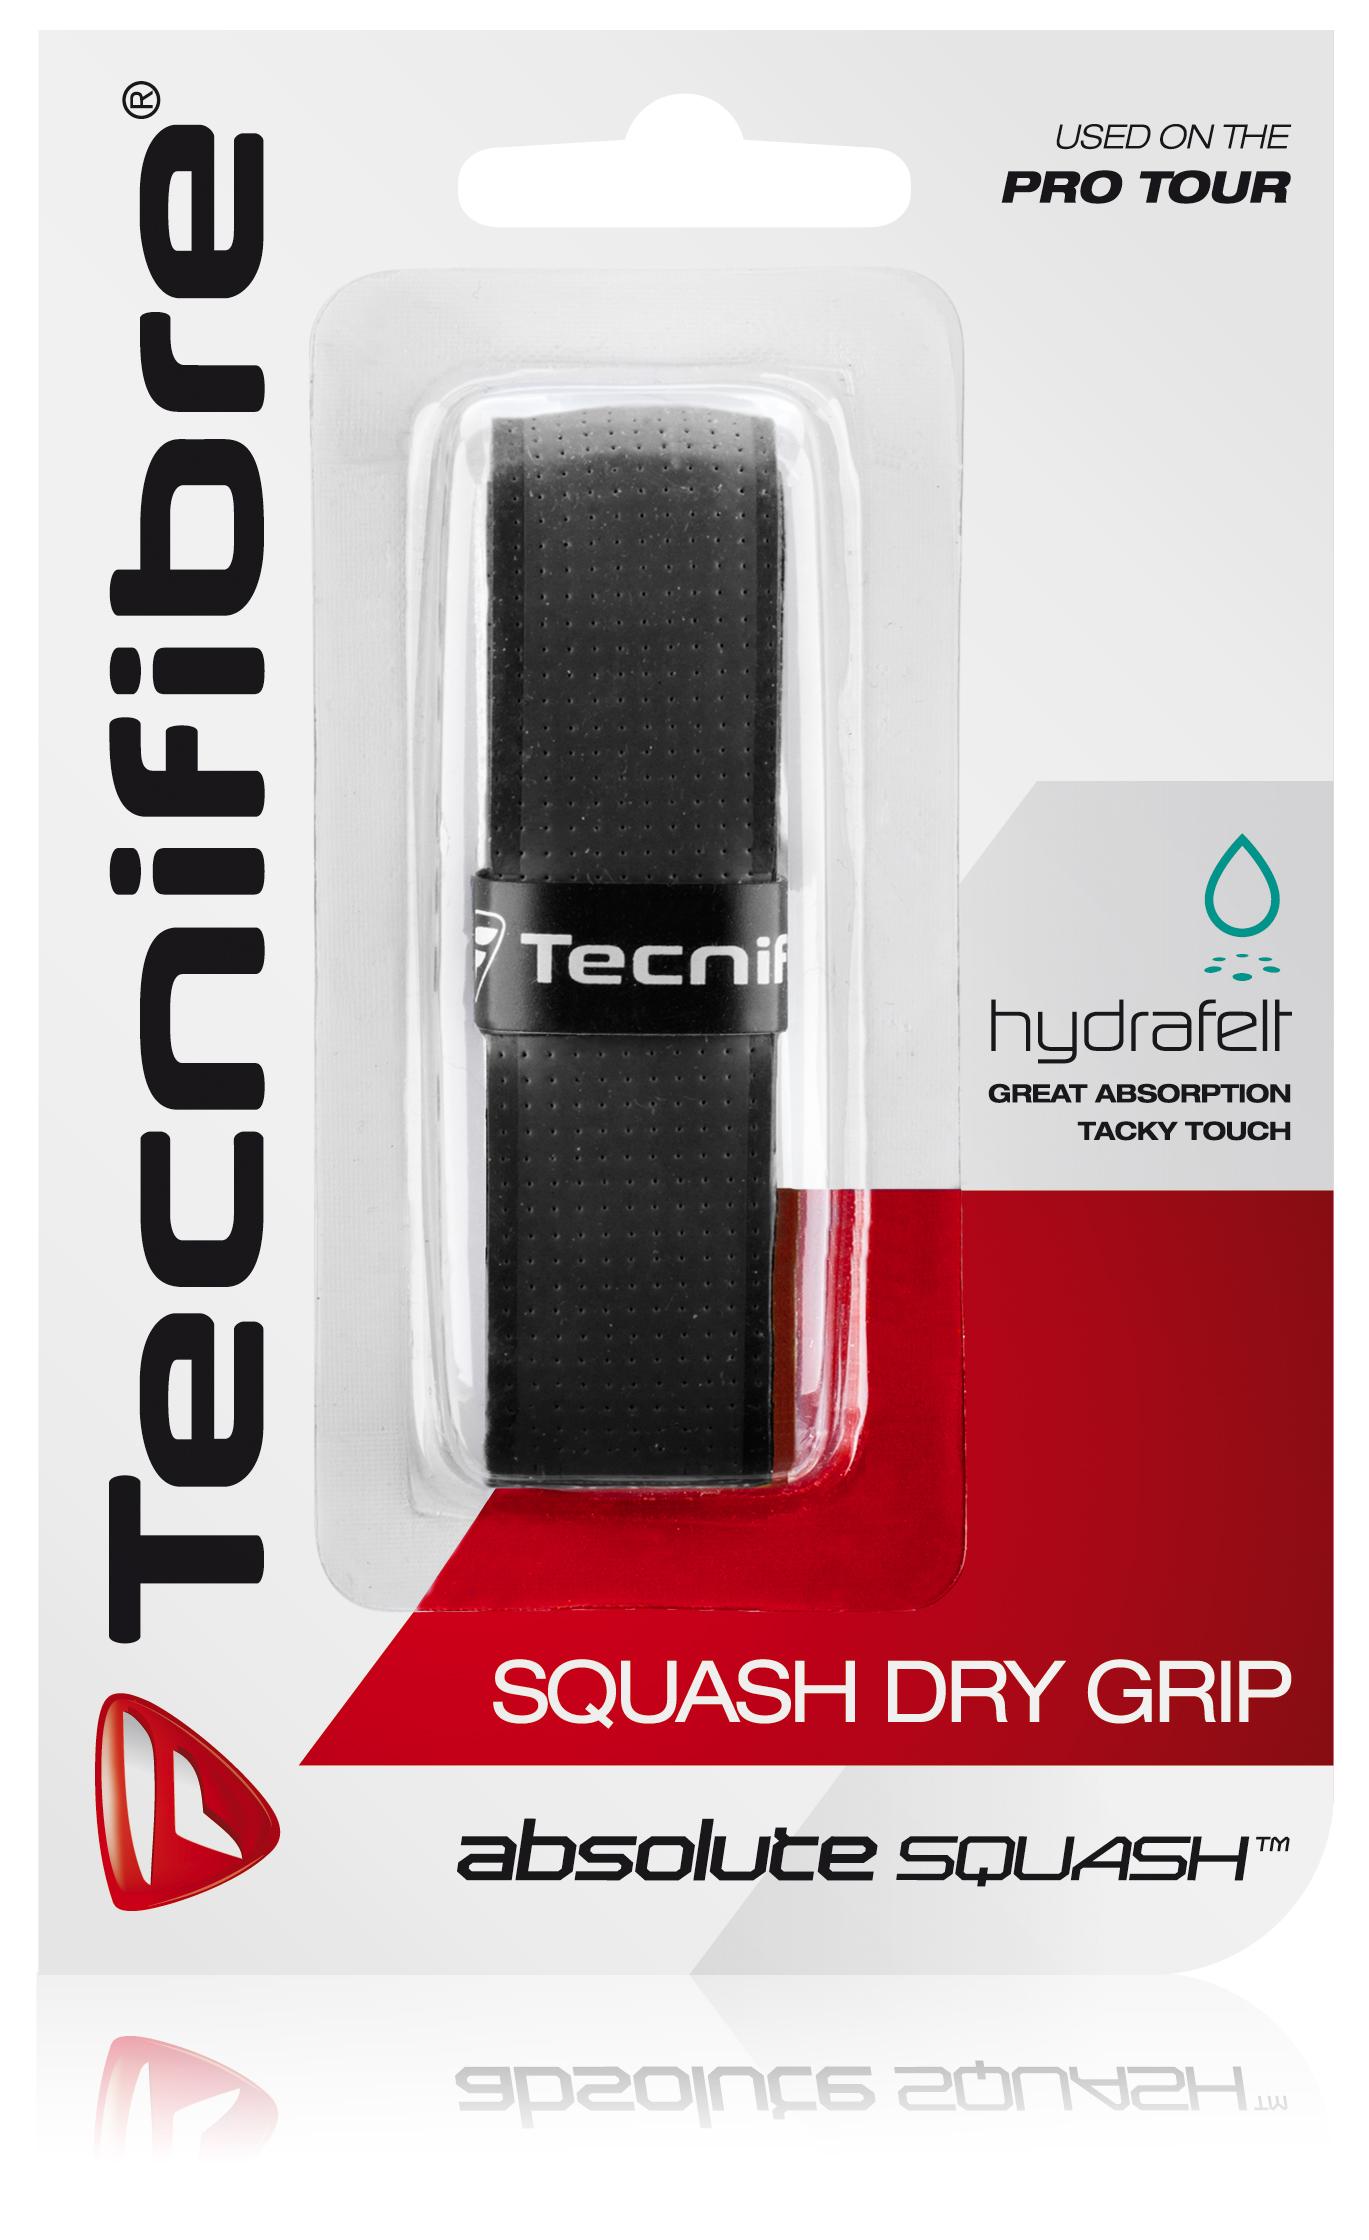 Squash Dry Grip